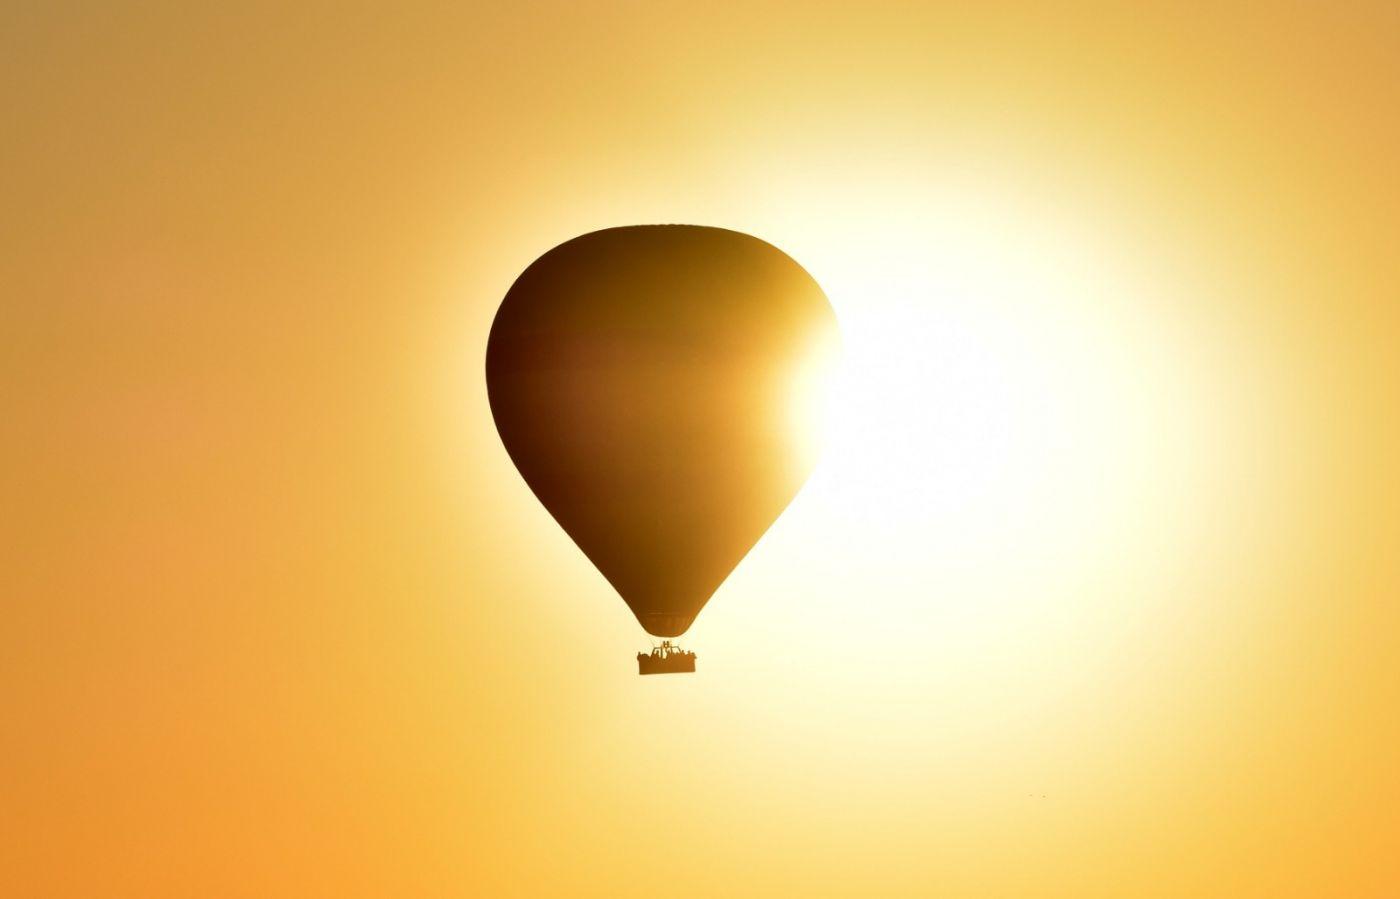 卢克索坐热气球观日出_图1-41